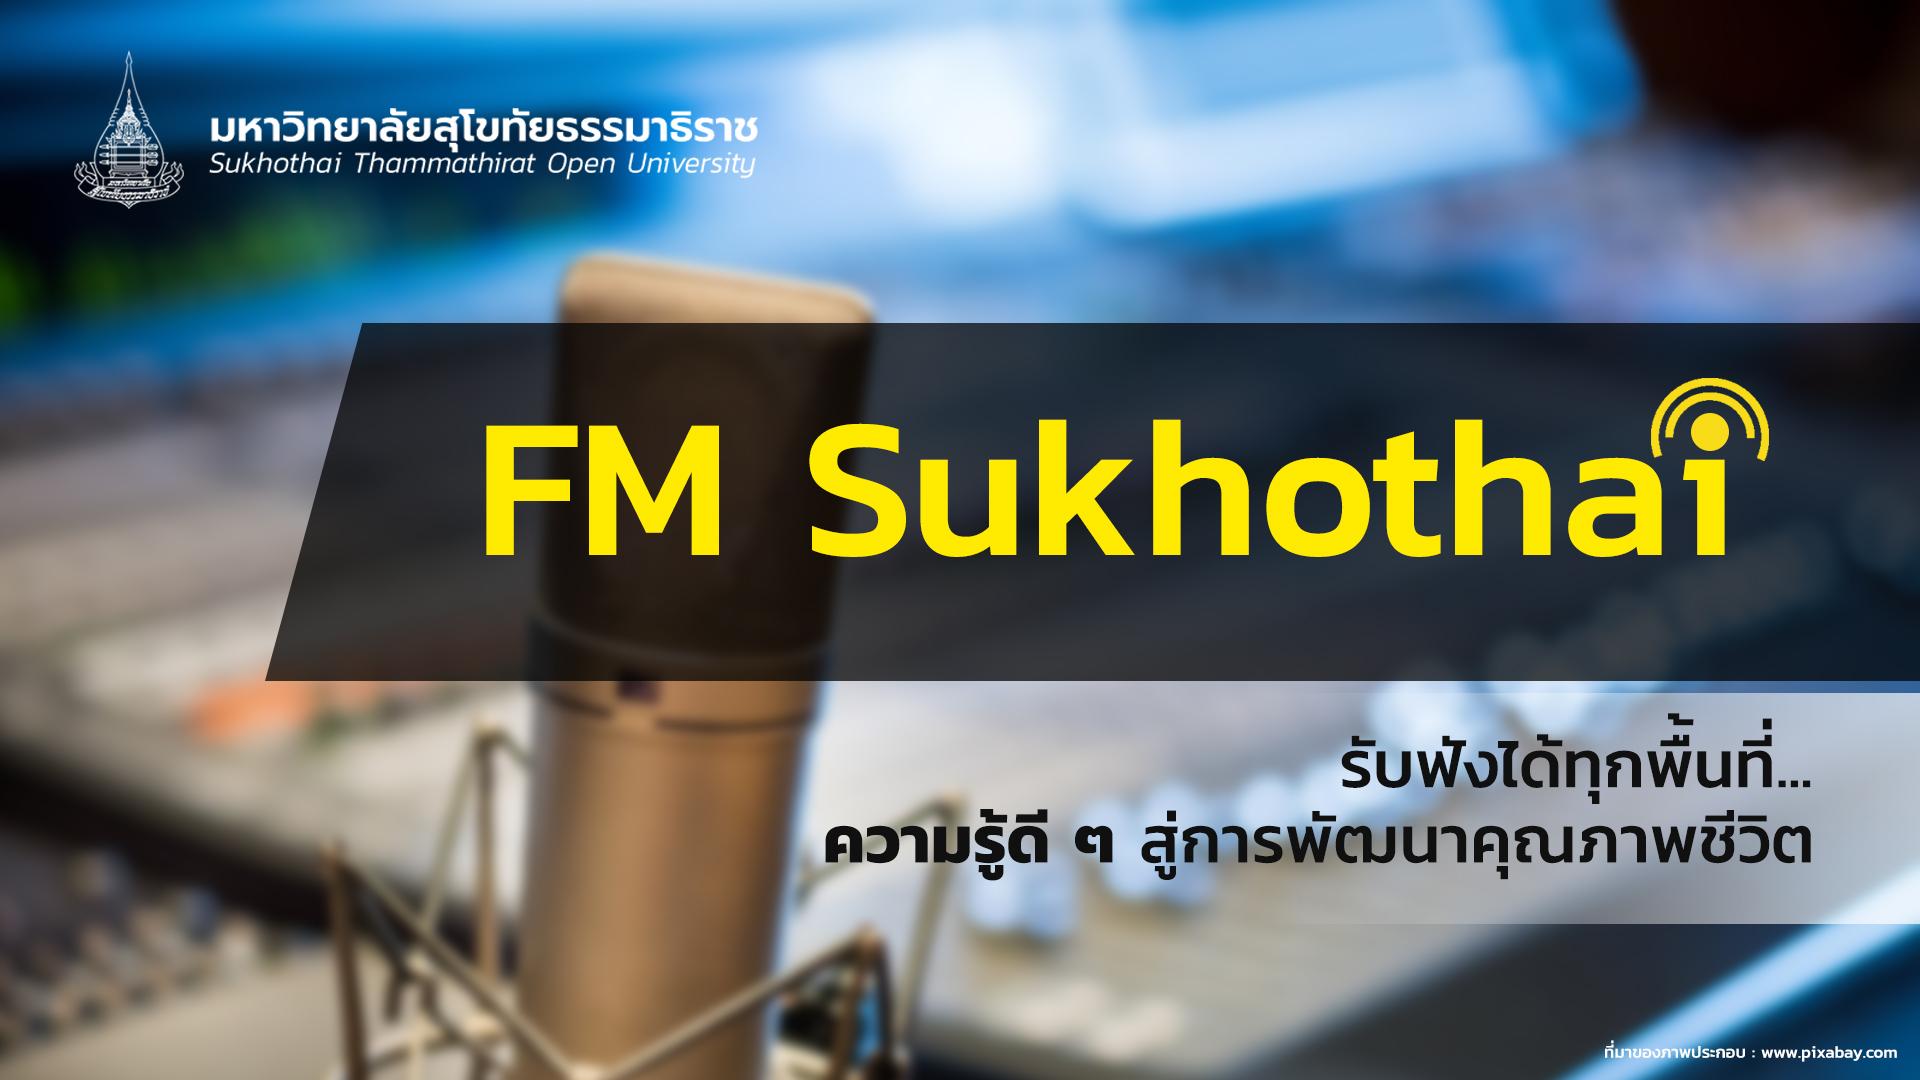 21323 การสอนกลุ่มทักษะ 1: ภาษาไทย รายการที่ 9